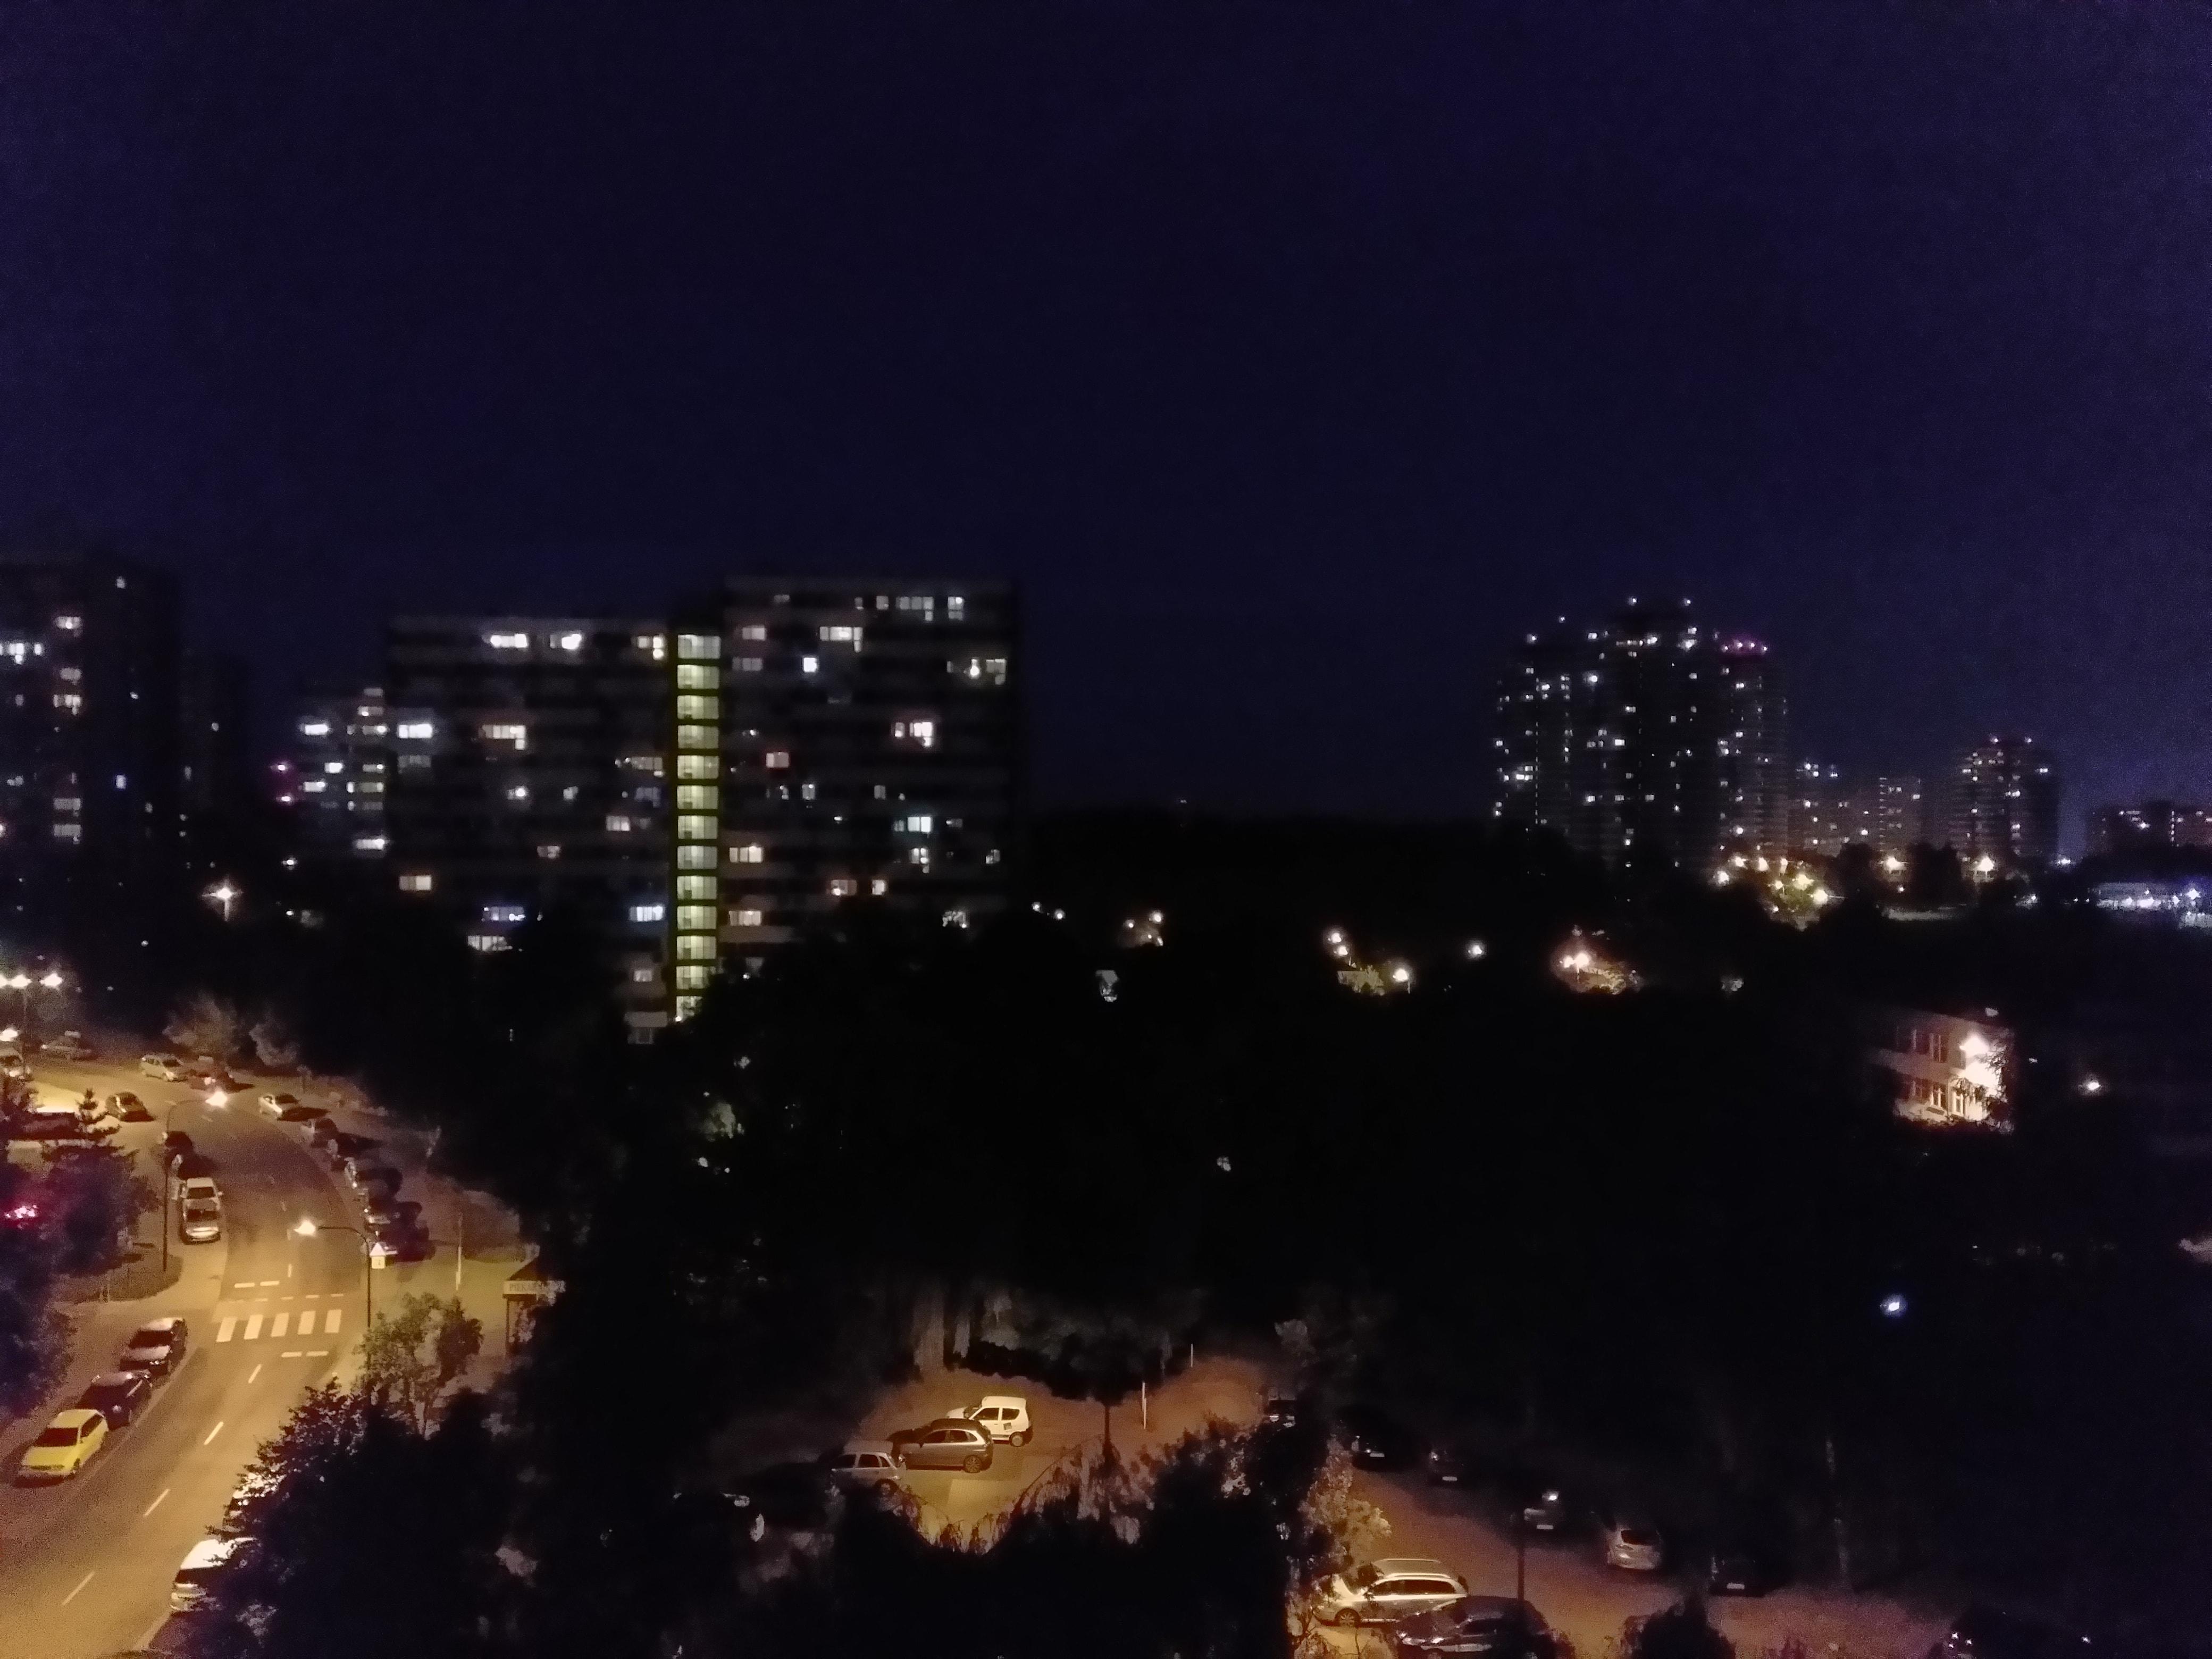 Zdjęcia nocne - Wiko WiM Lite